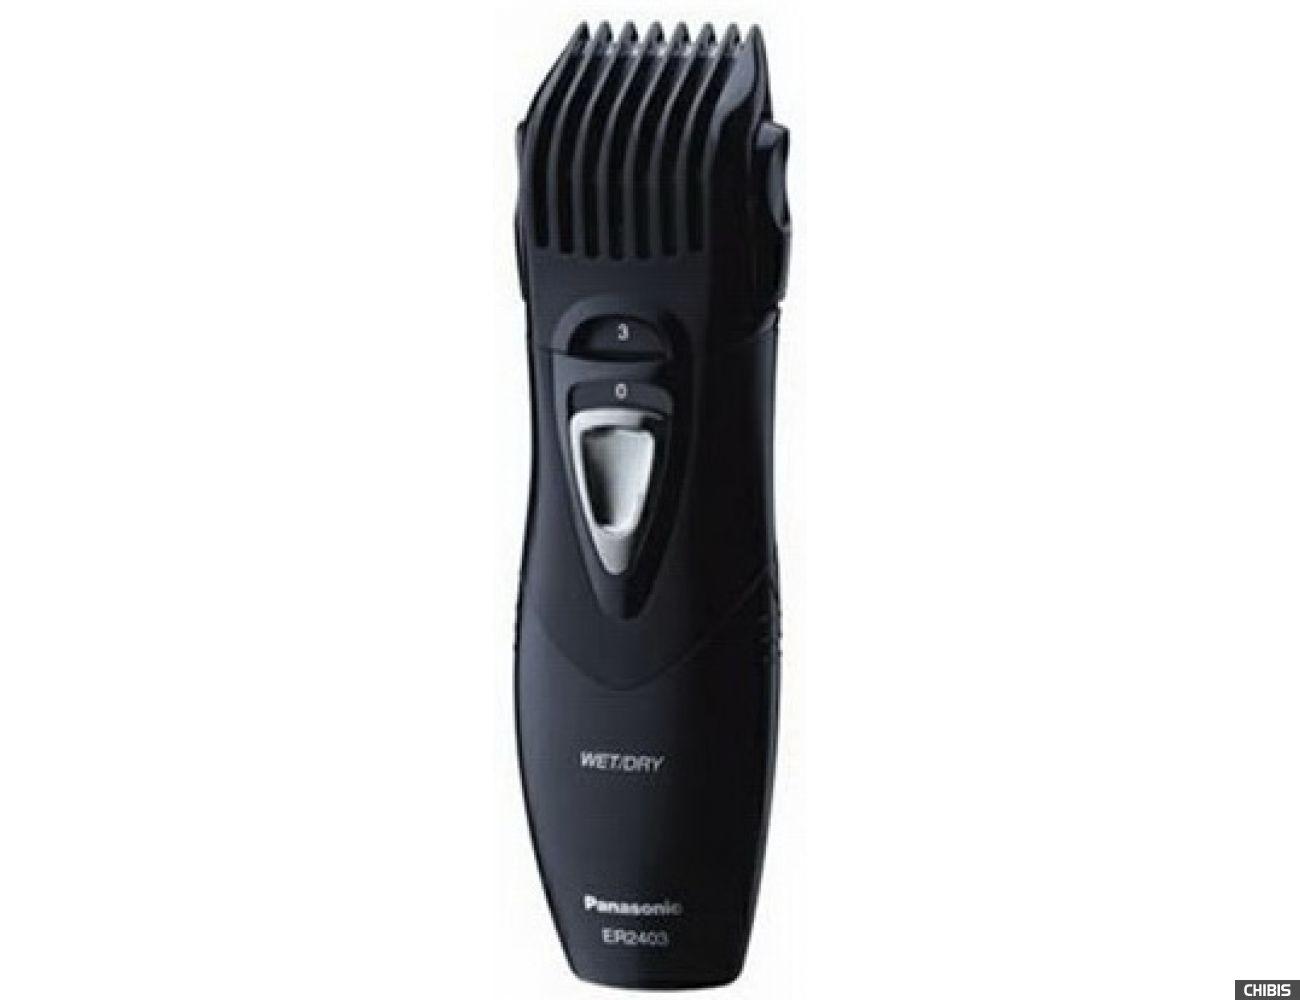 Машинка для стрижки волос Panasonic ER-2403 K520